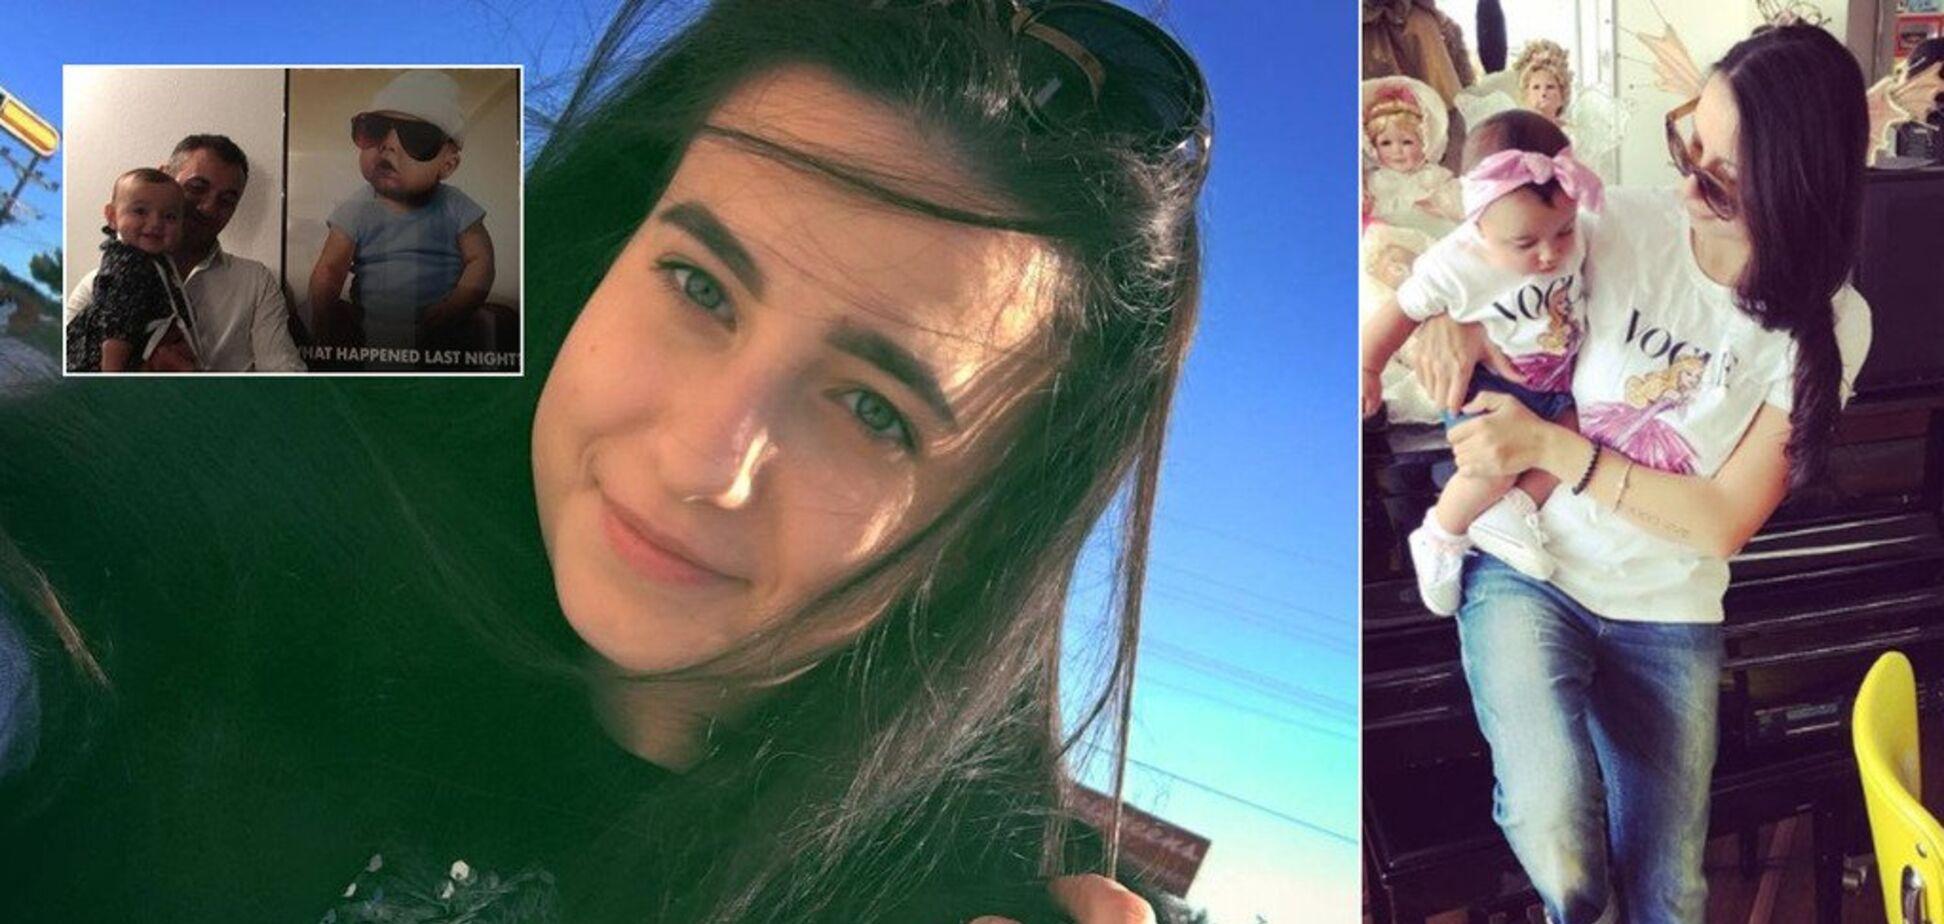 Муж душил и обливал кипятком: подробности зверского убийства молодой украинки в США